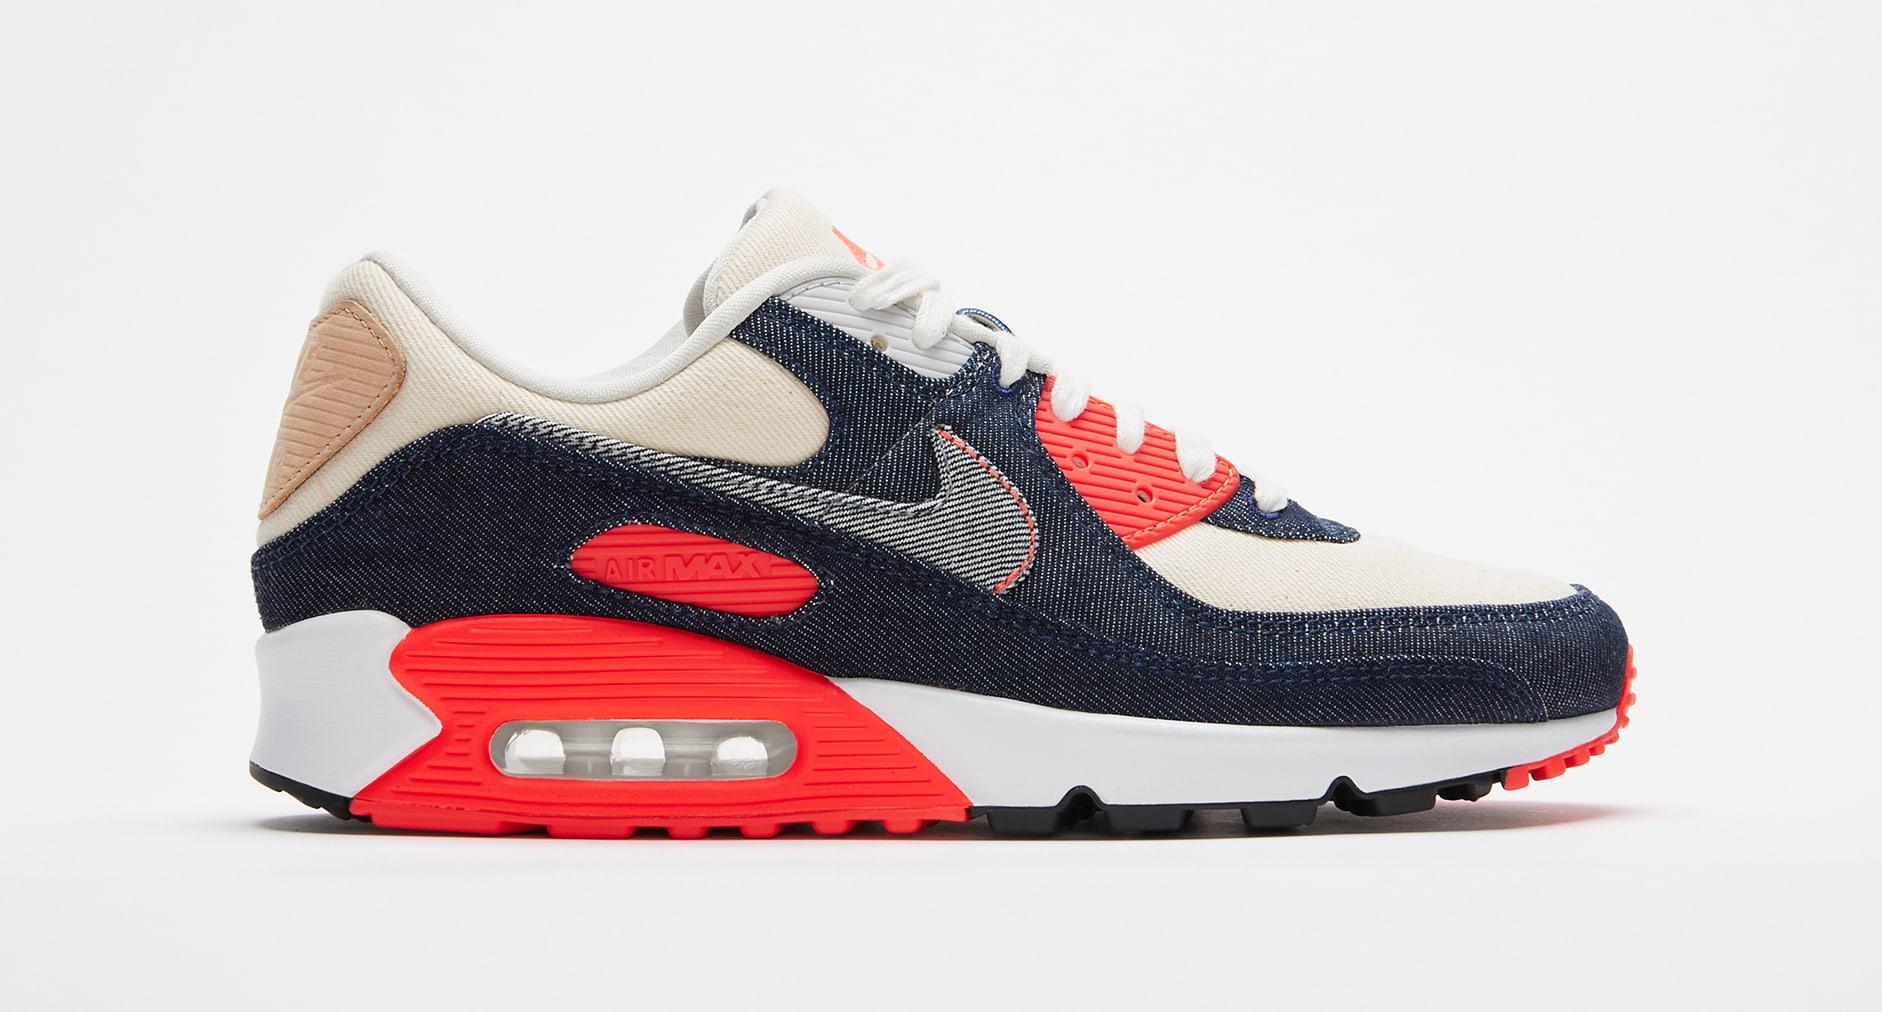 Denham x Nike Air Max 90 Lateral